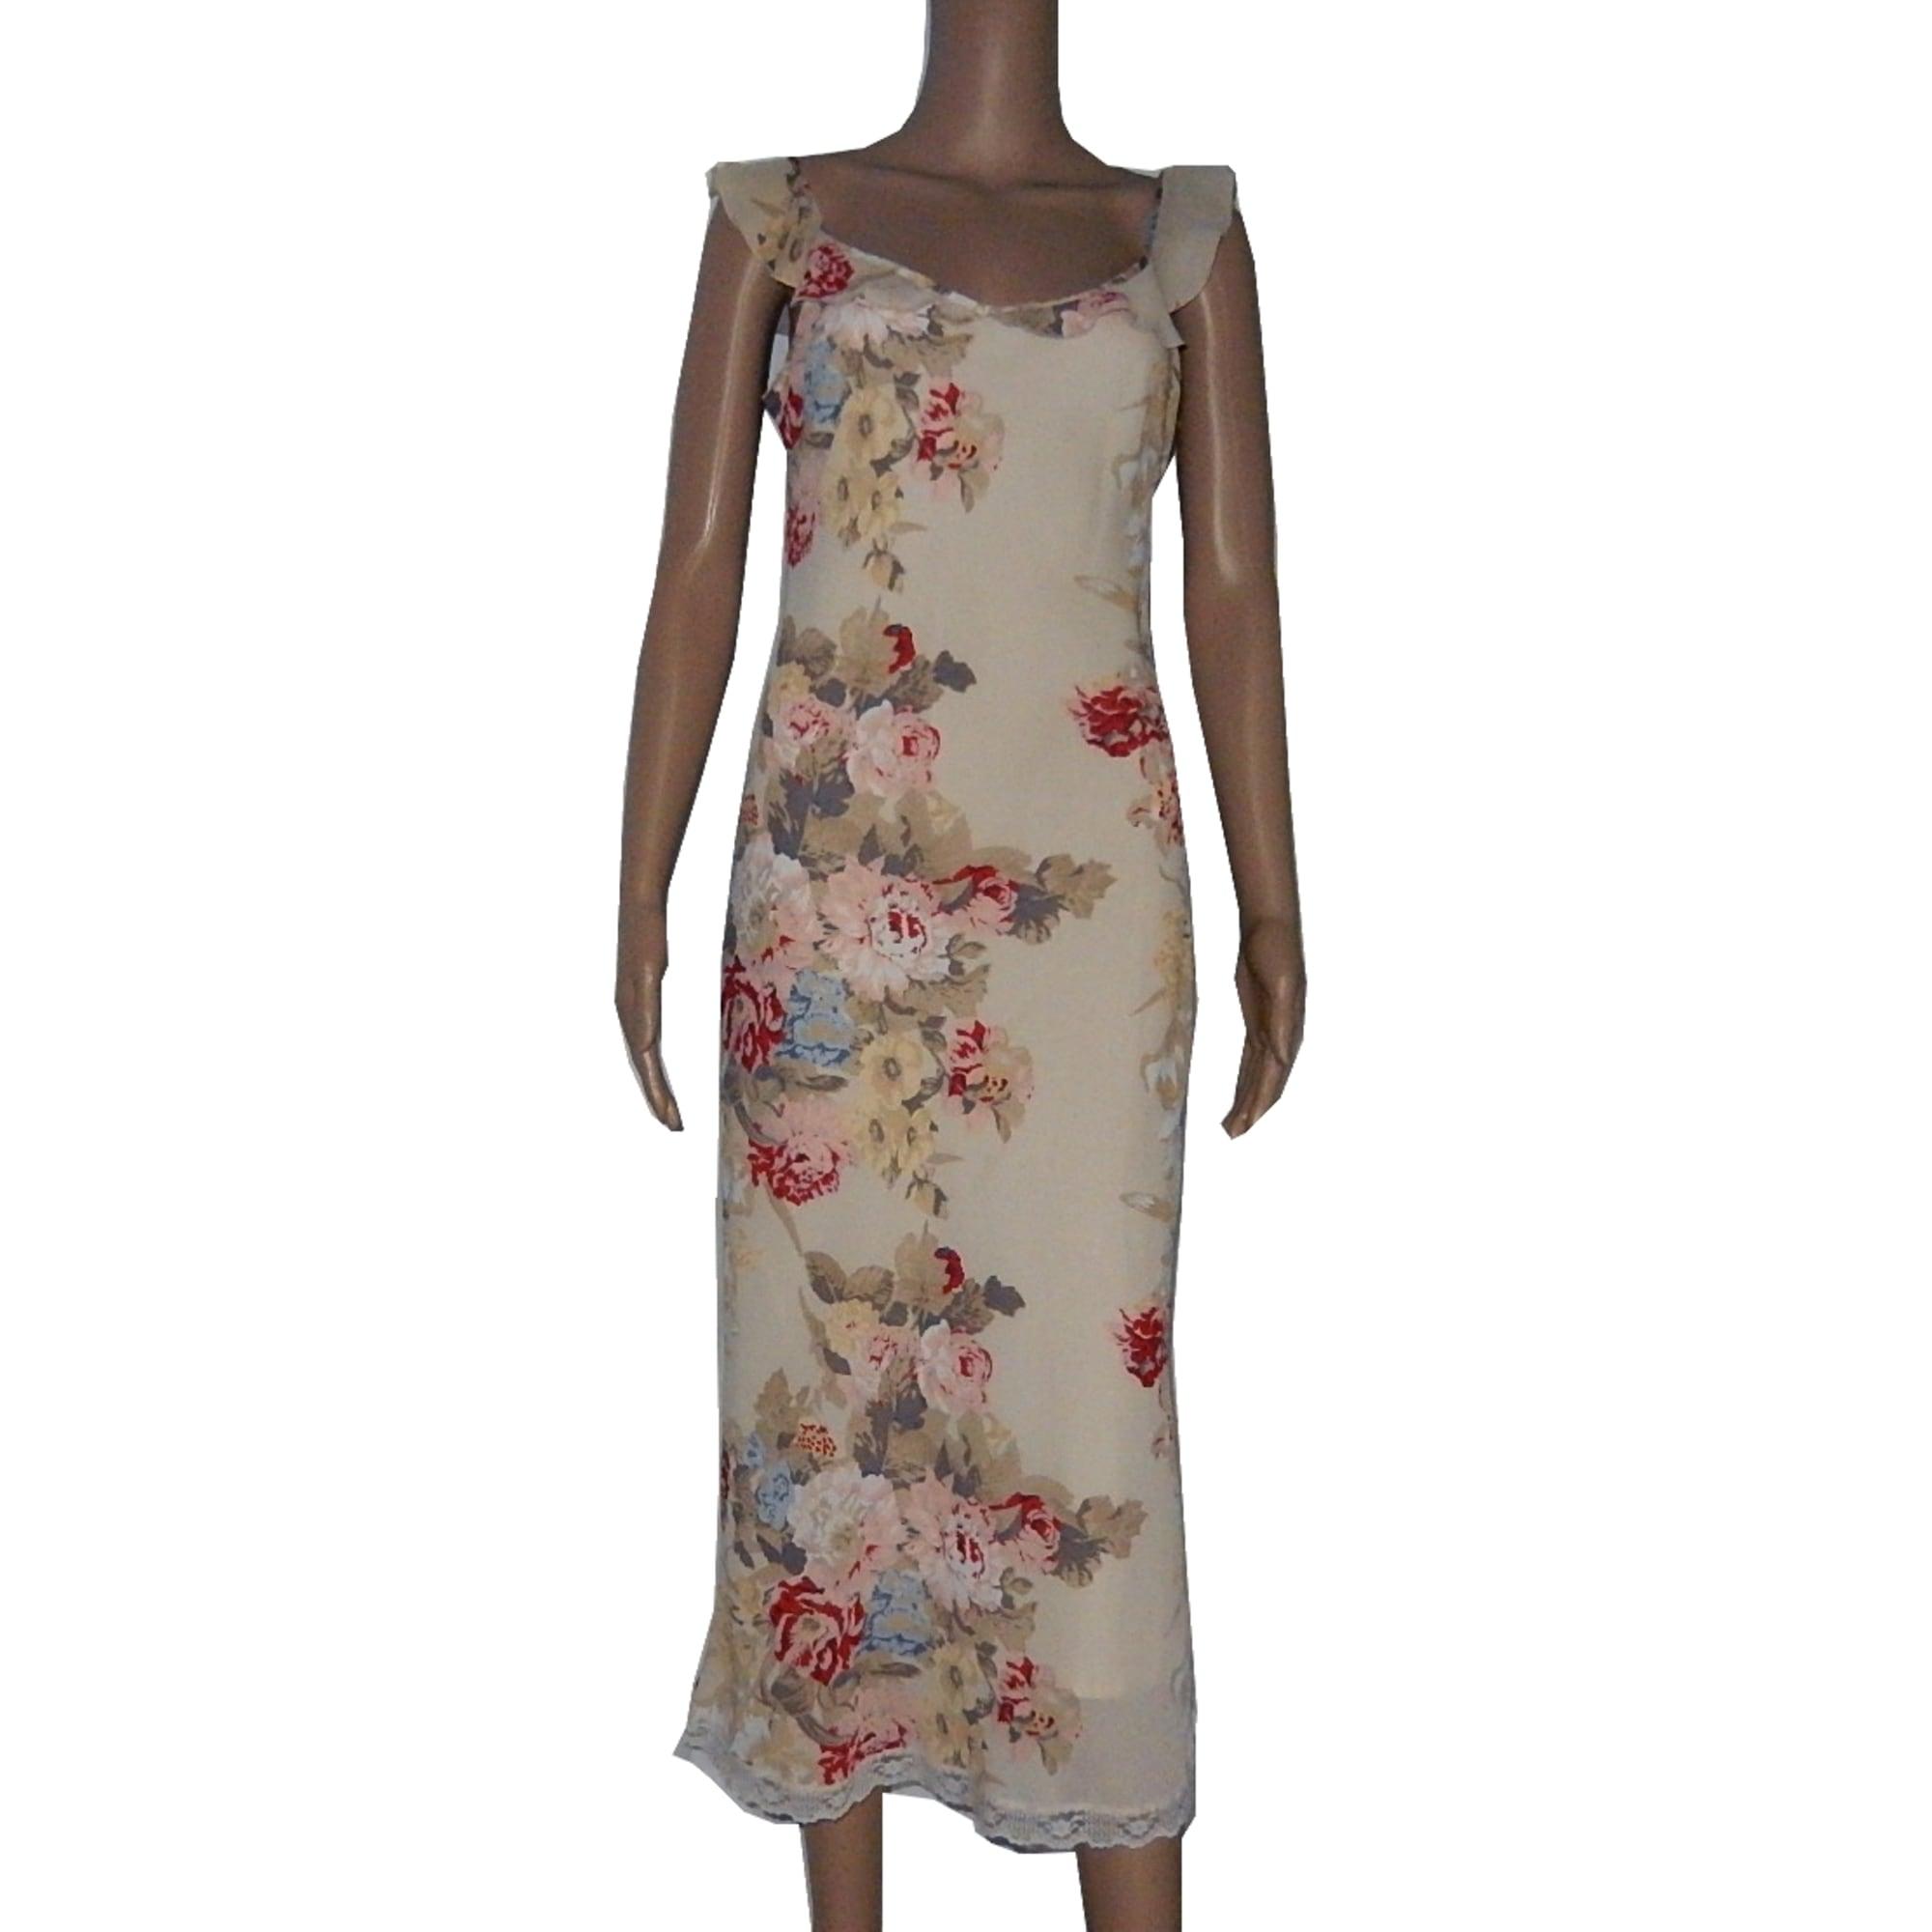 543949d2048 Robe longue JACQUELINE RIU 36 (S